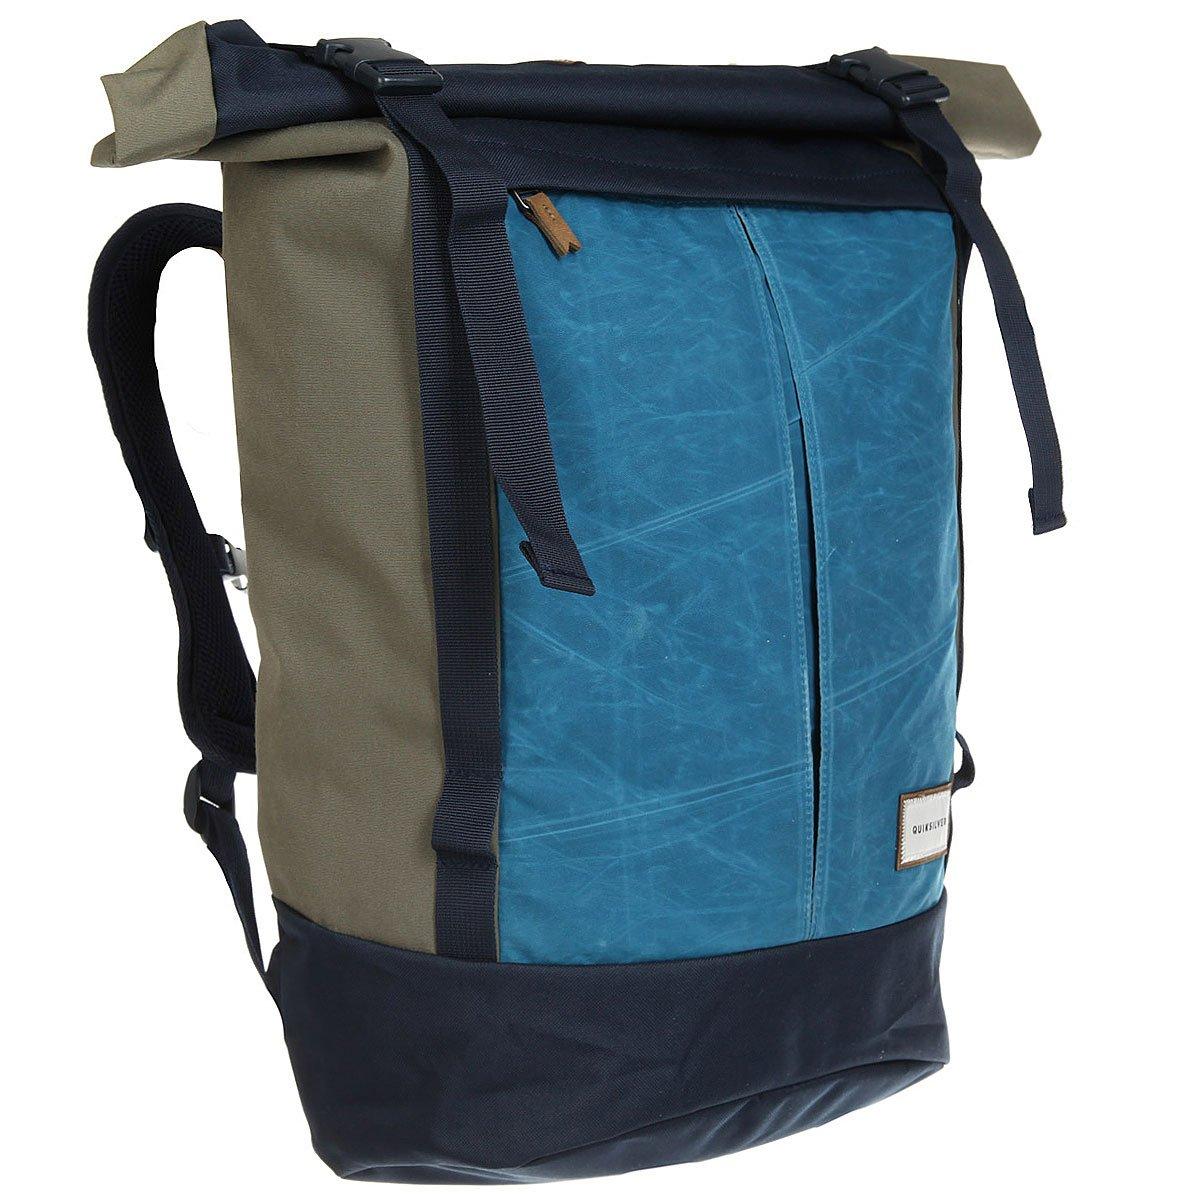 Купить рюкзак туристический Quiksilver New Roll Top Four Leaf Clover ... 6d560a9b887f0